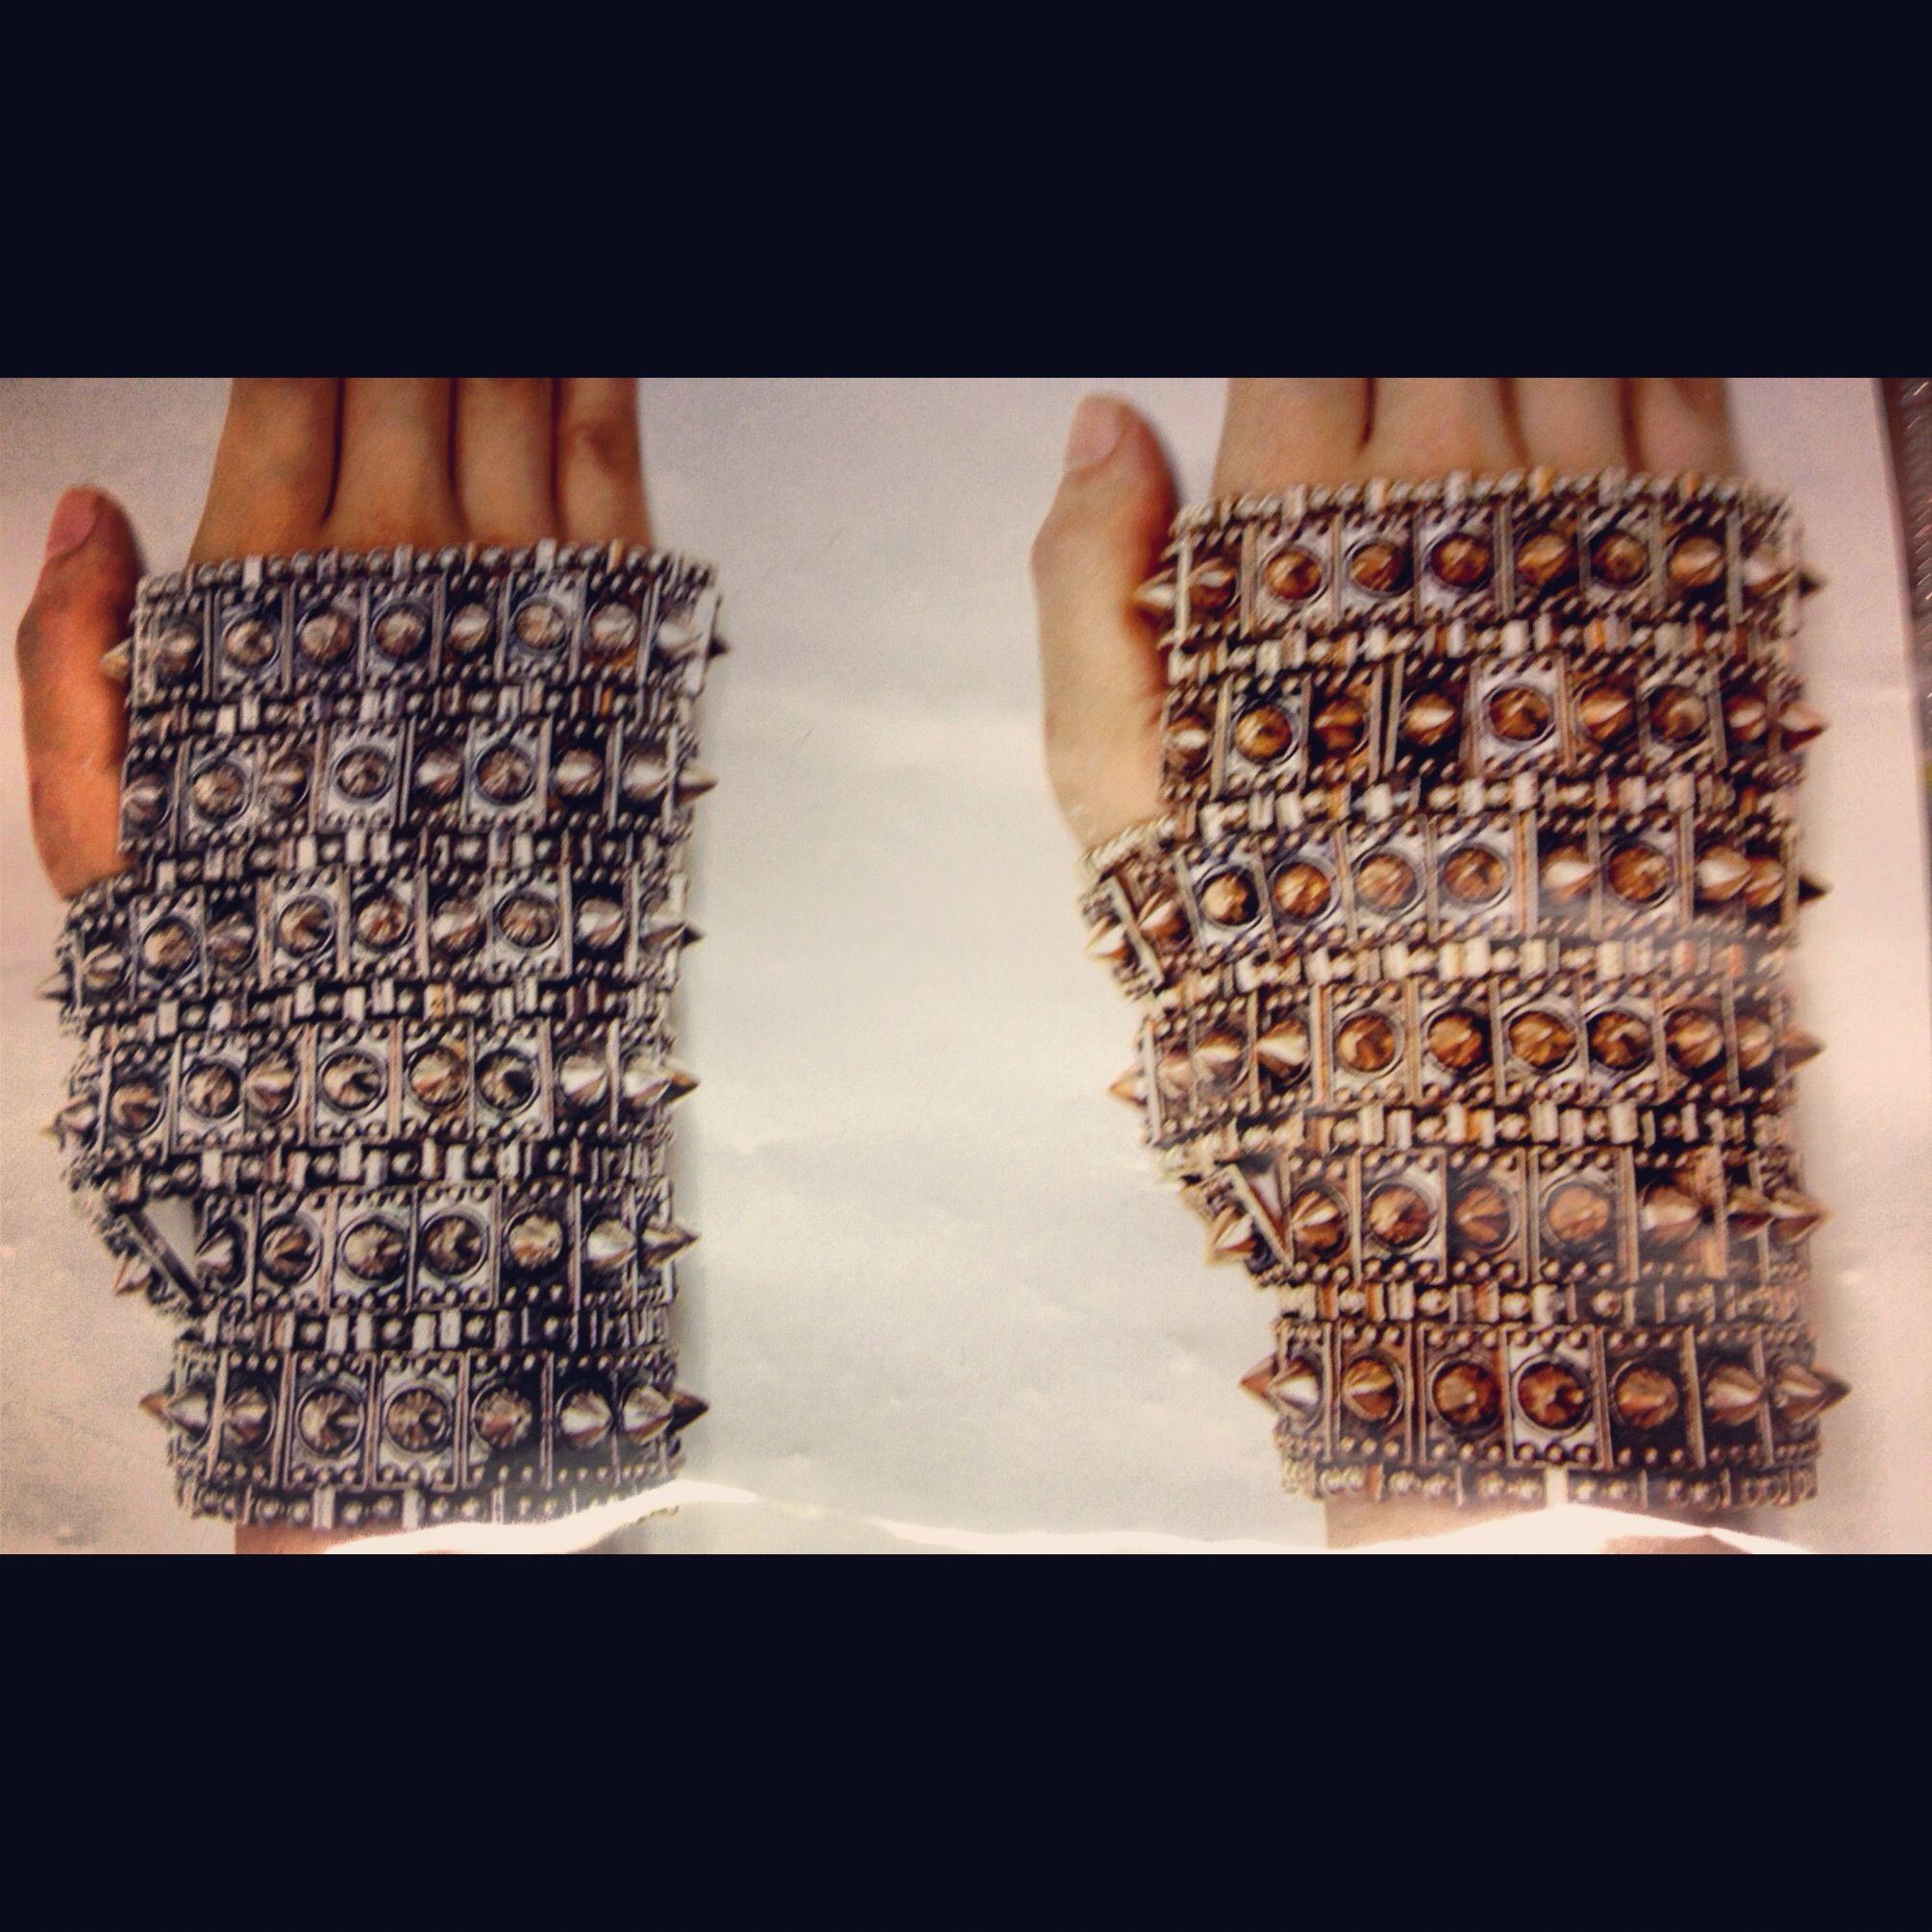 Spike glove